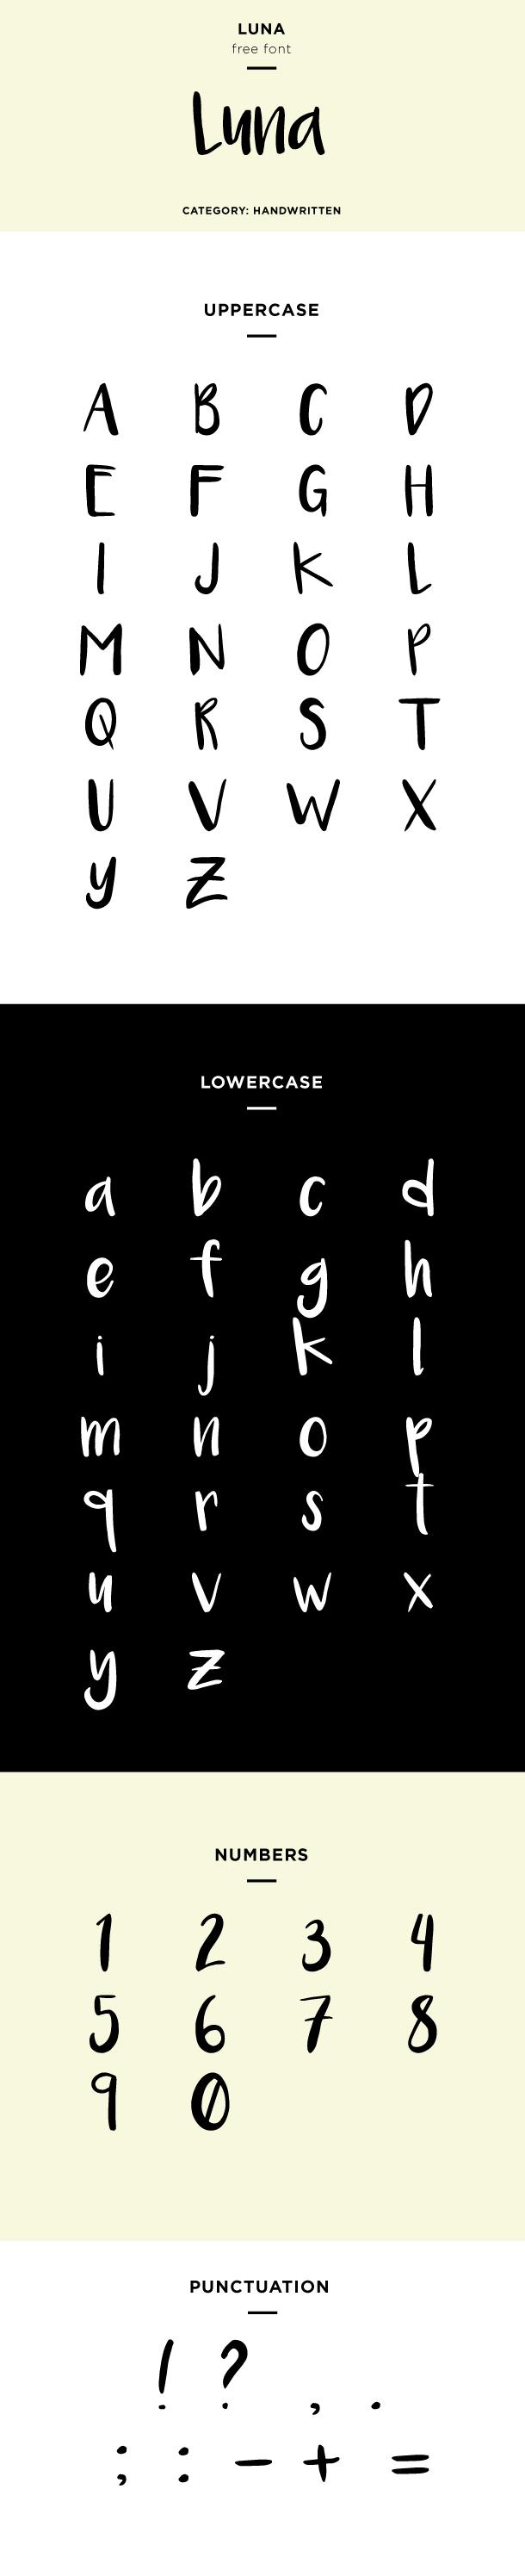 luna font example